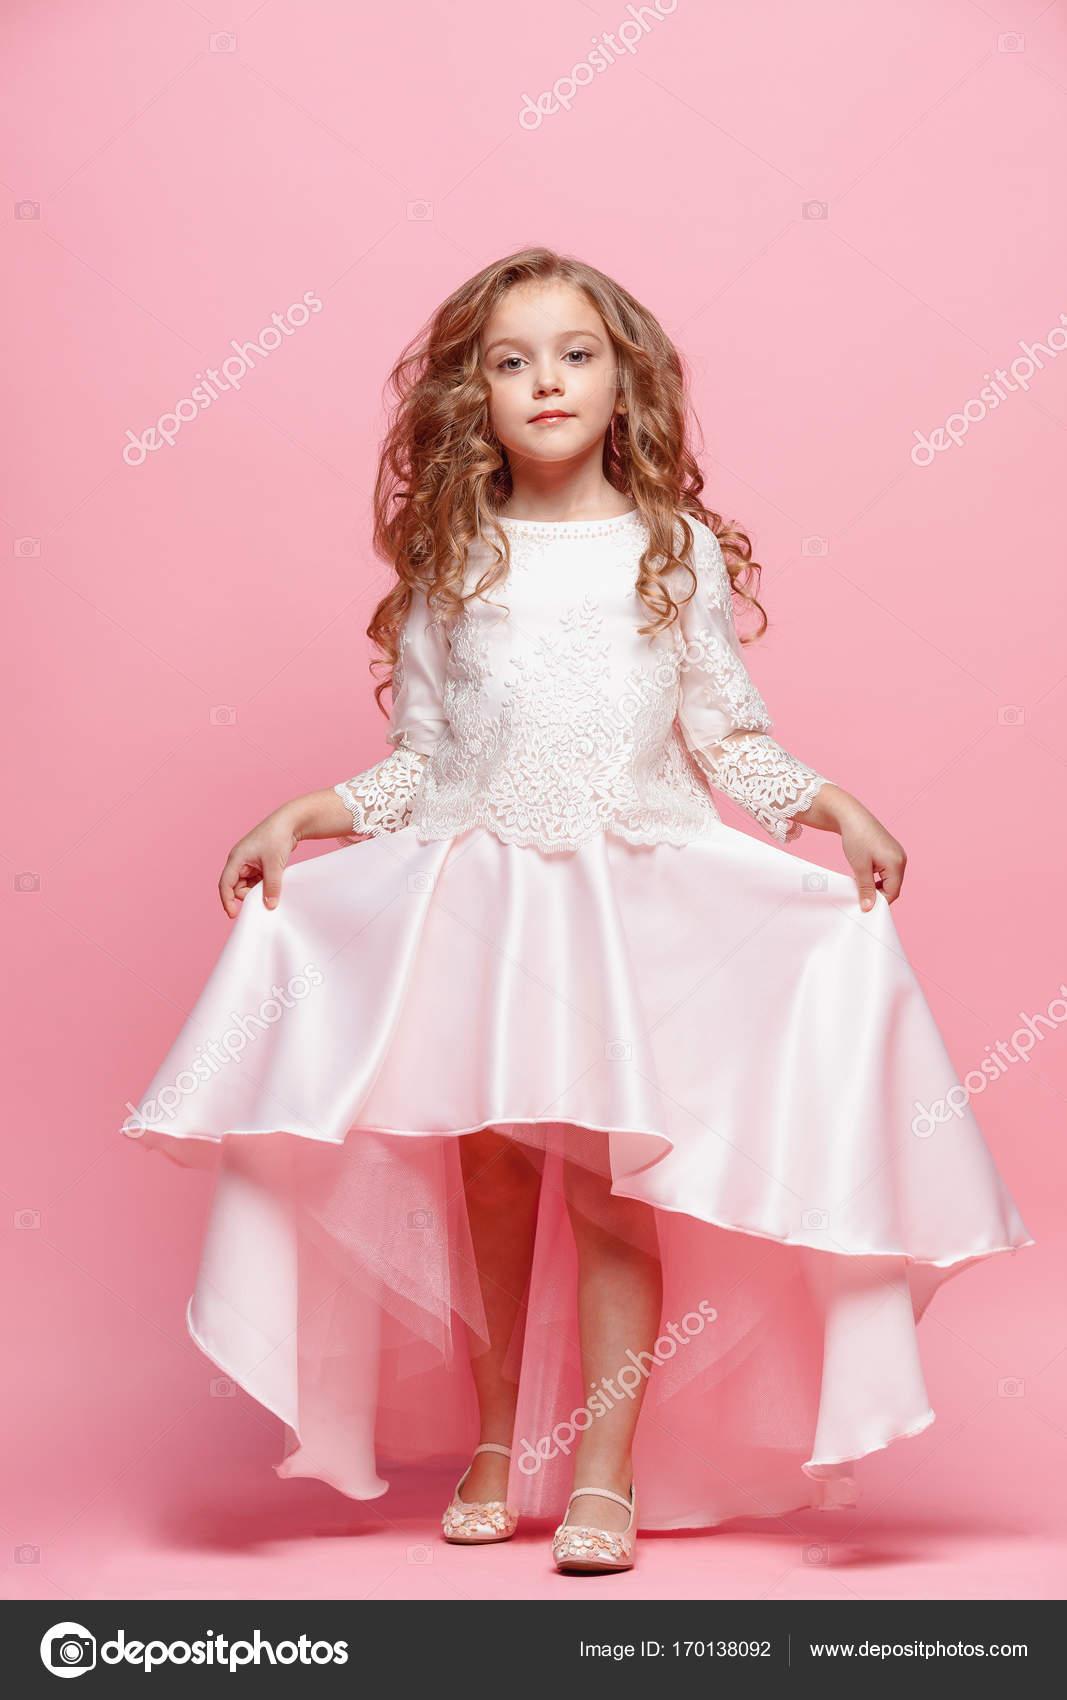 ea44207254 Gyönyörű kislány ruha állandó és pózol, mint fehér háttér teljes hossza–  stock kép